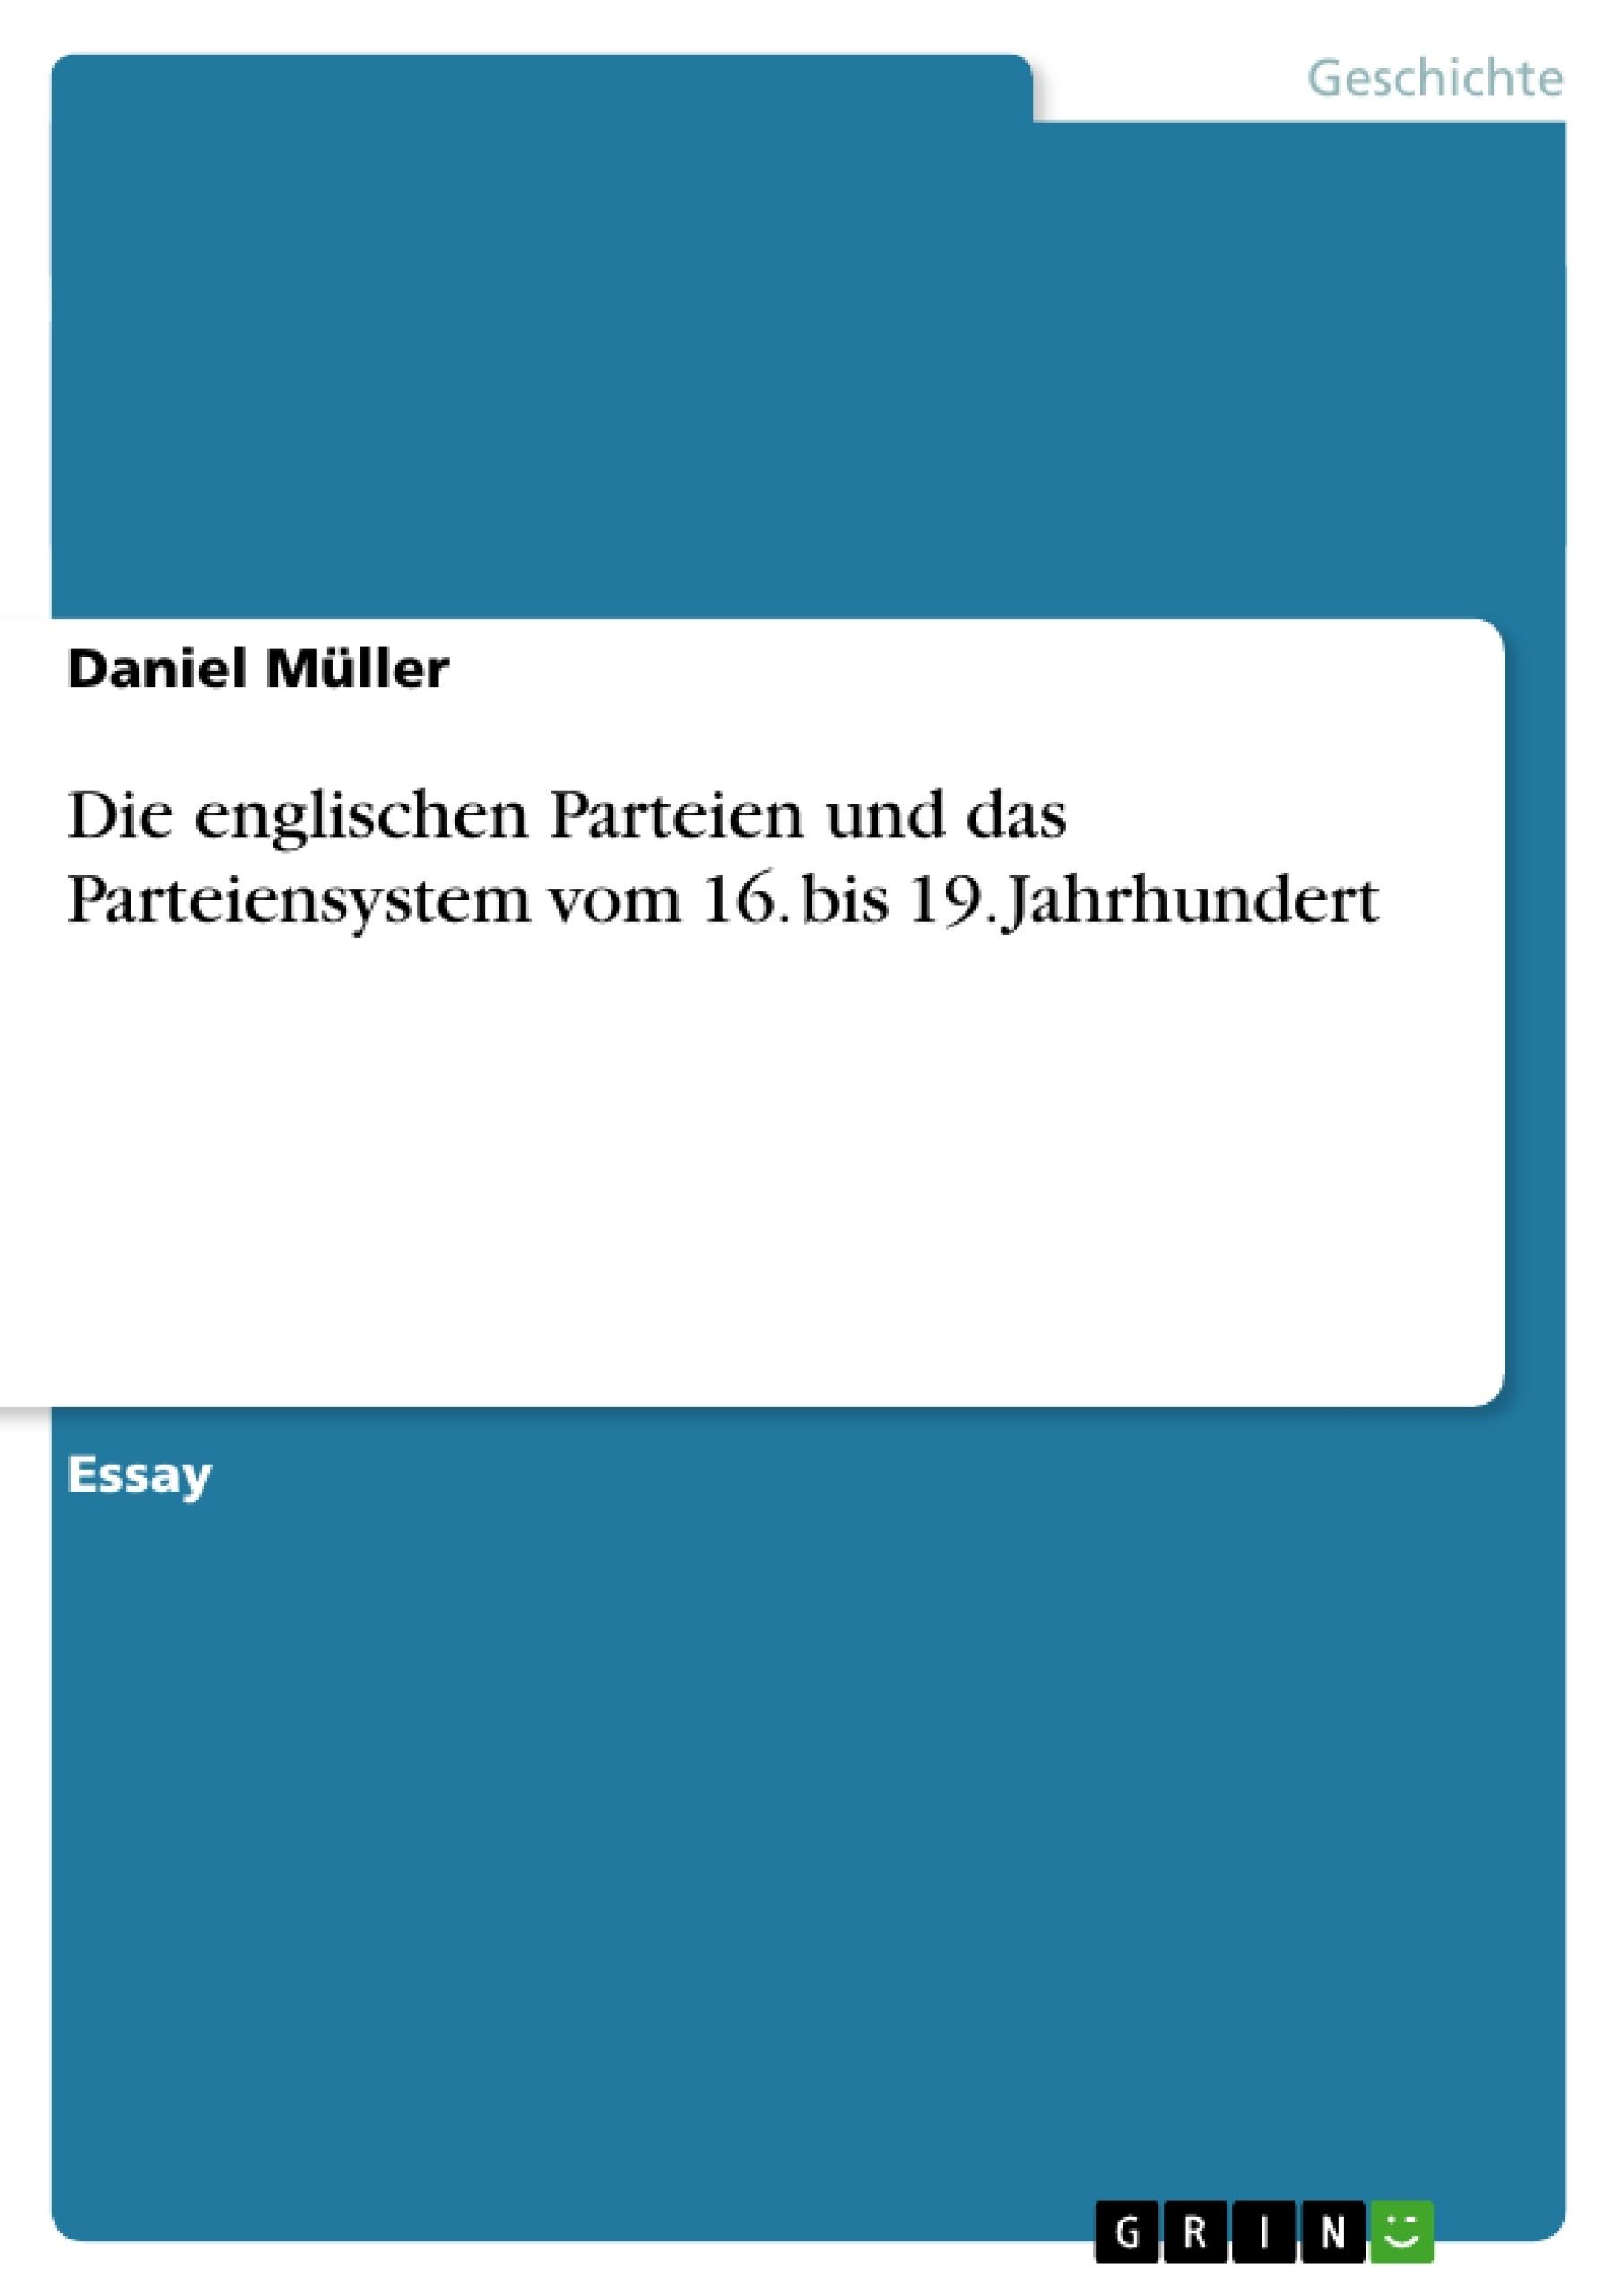 Titel: Die englischen Parteien und das Parteiensystem vom 16. bis 19. Jahrhundert